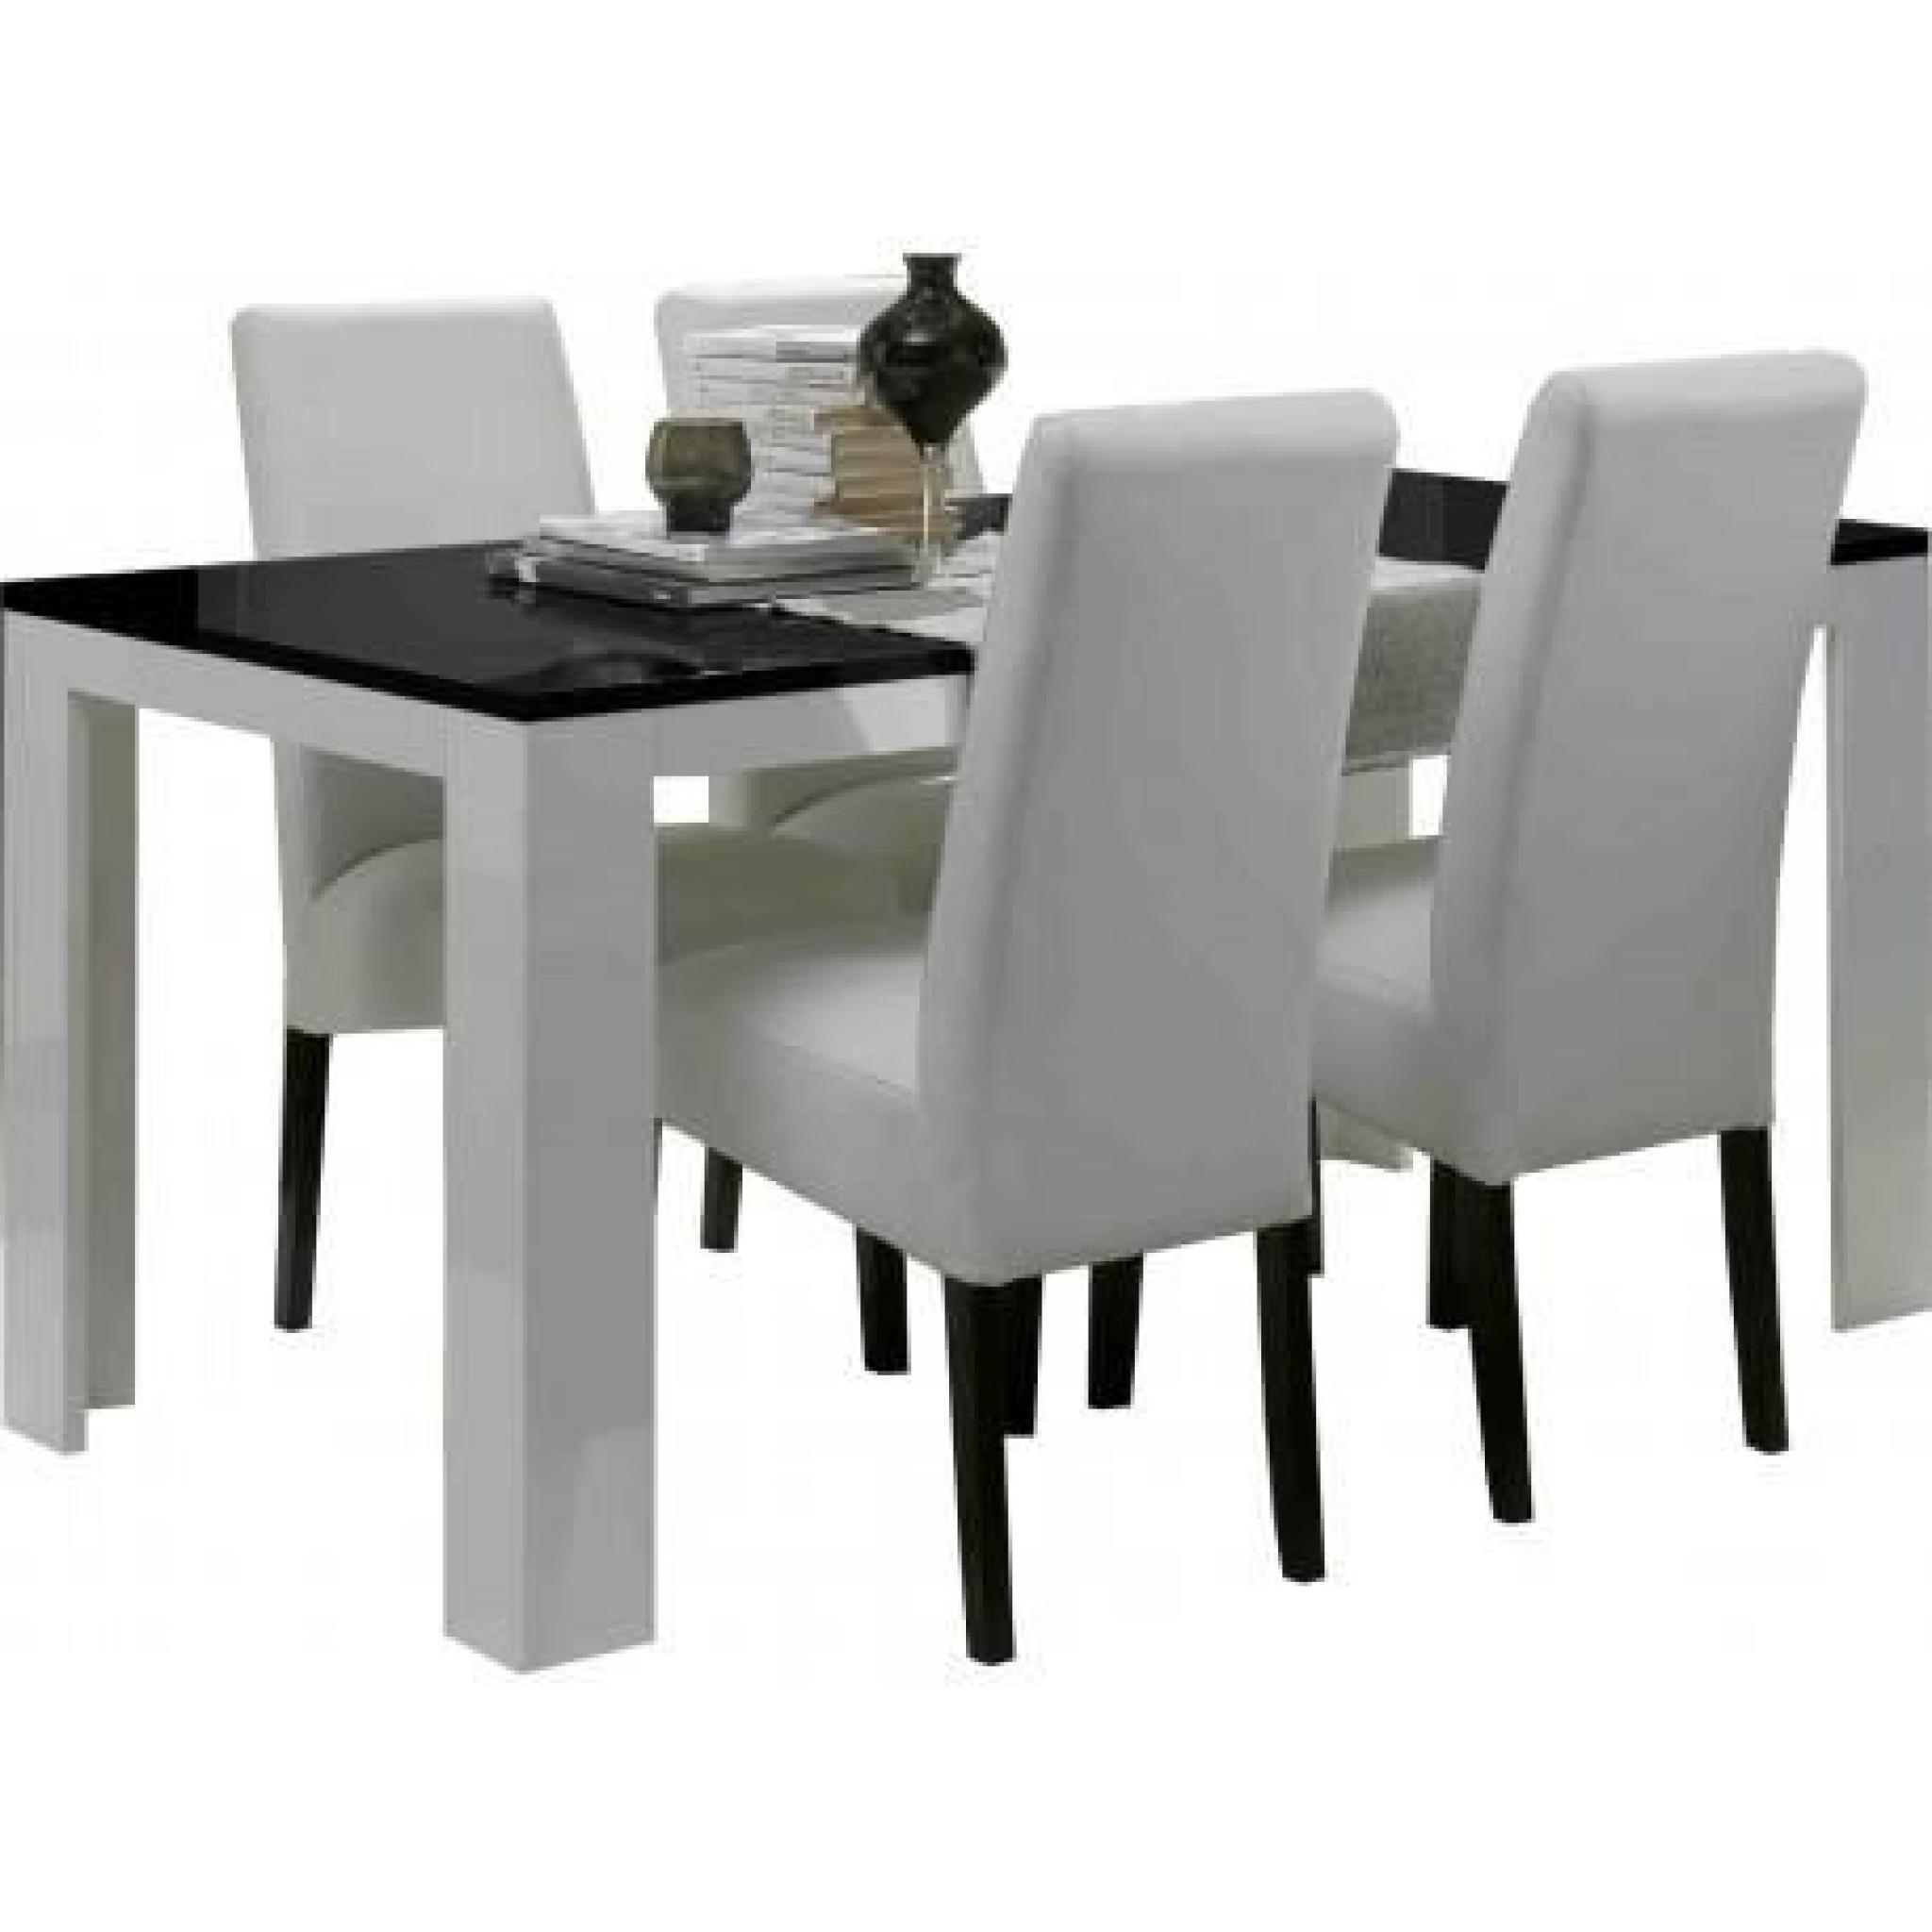 Table salle à manger Model PISA Blanc-noir L190cm(sans chaises)